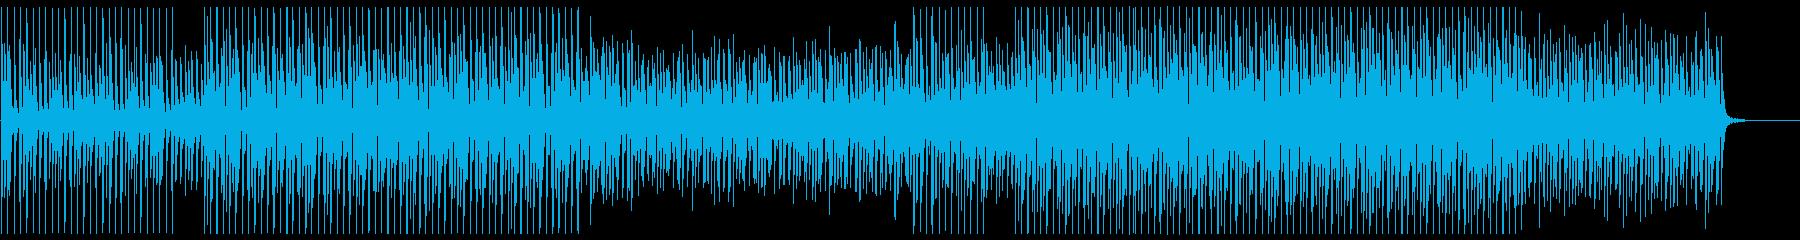 【効果音抜き】モダン 企業VP EDMの再生済みの波形